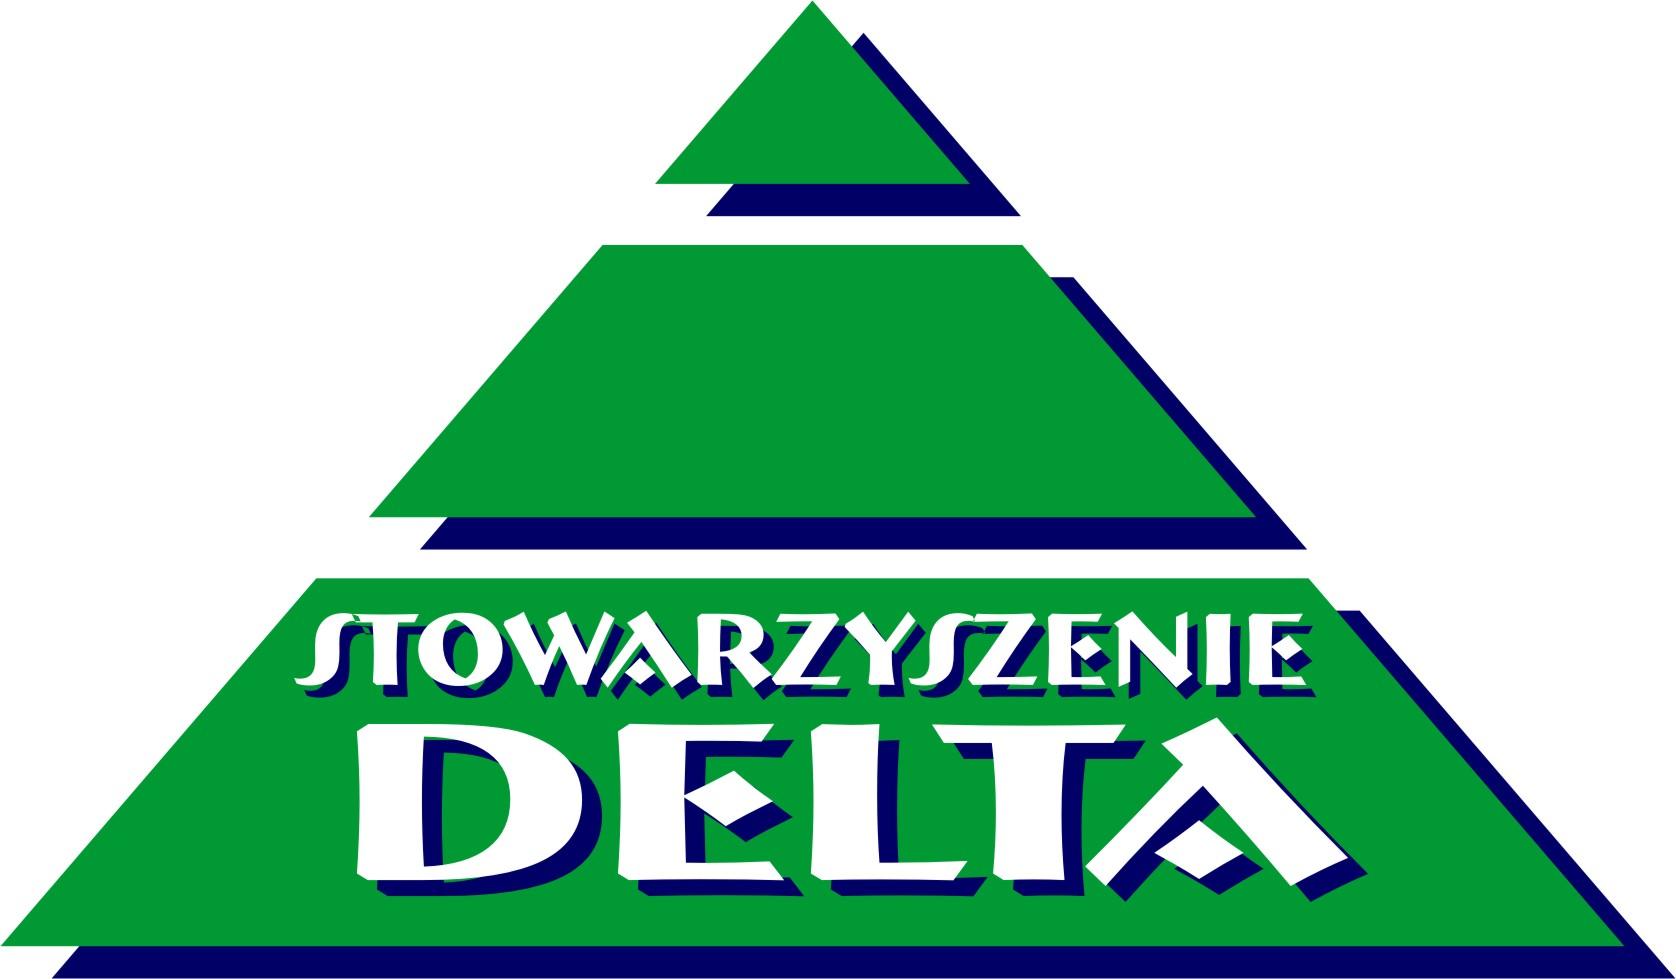 Stowarzyszenie Delta